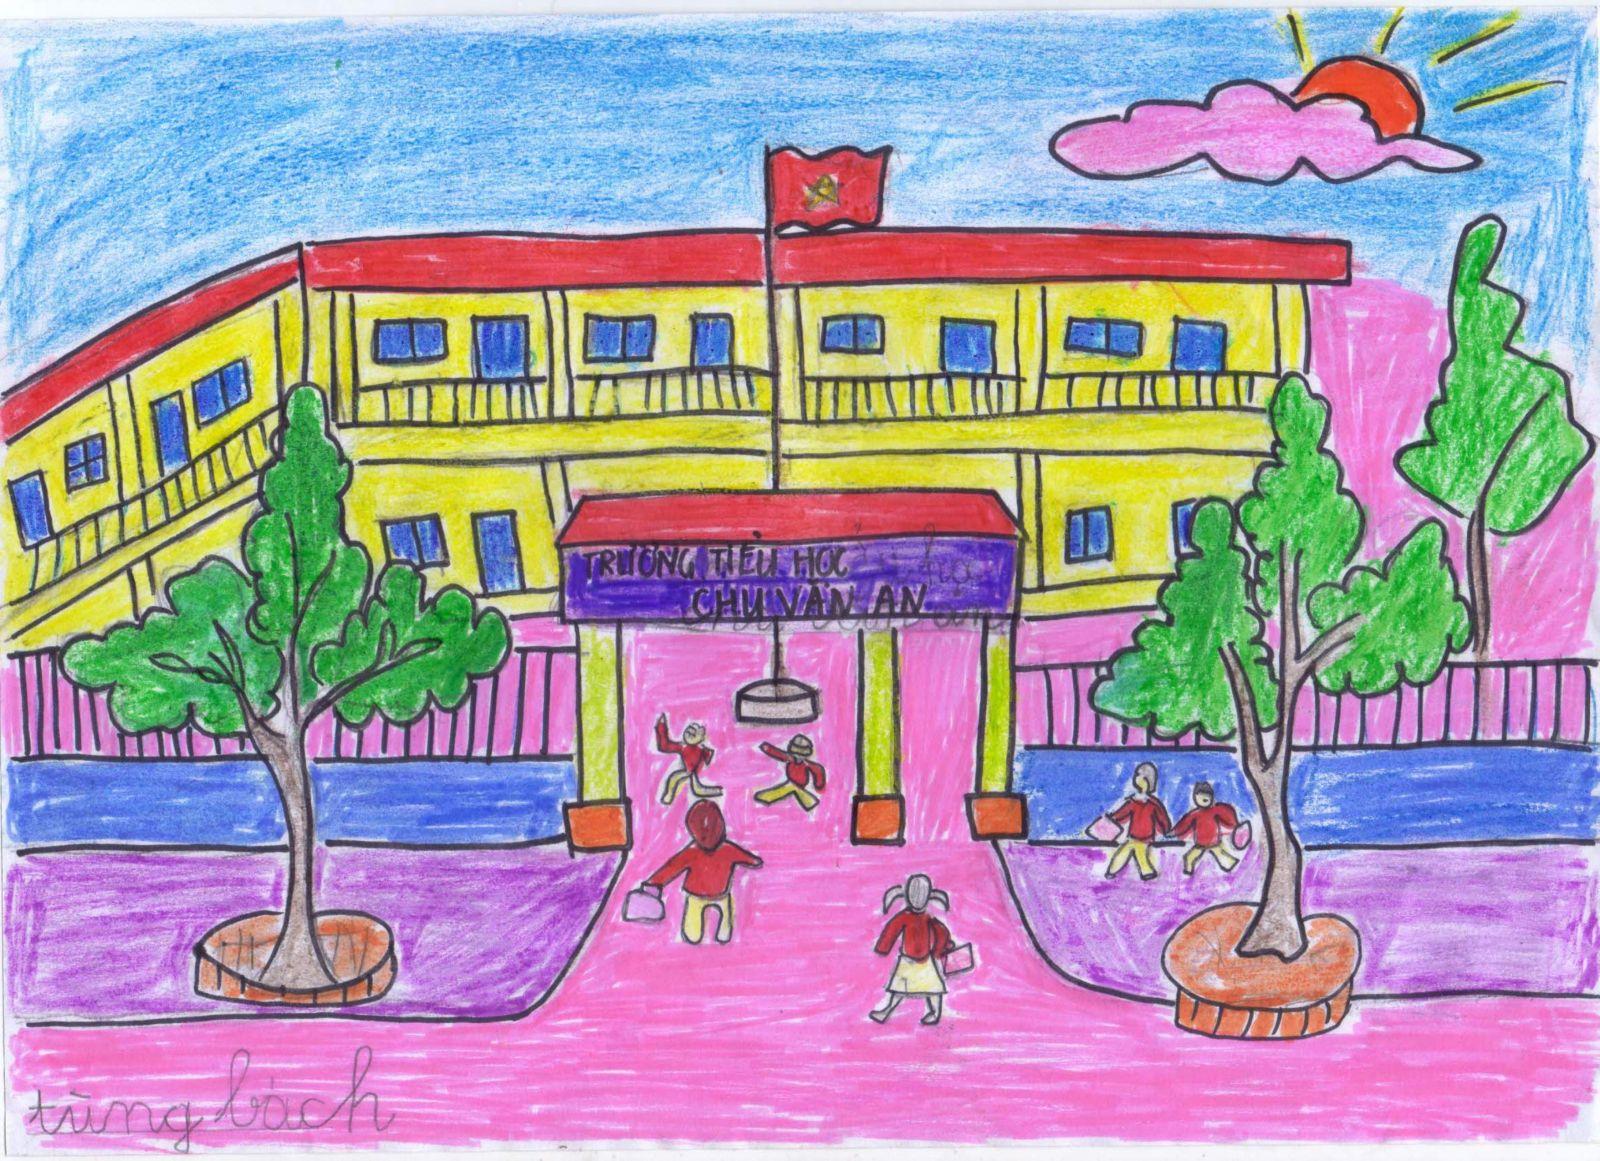 Tranh vẽ ngôi trường mến yêu đẹp